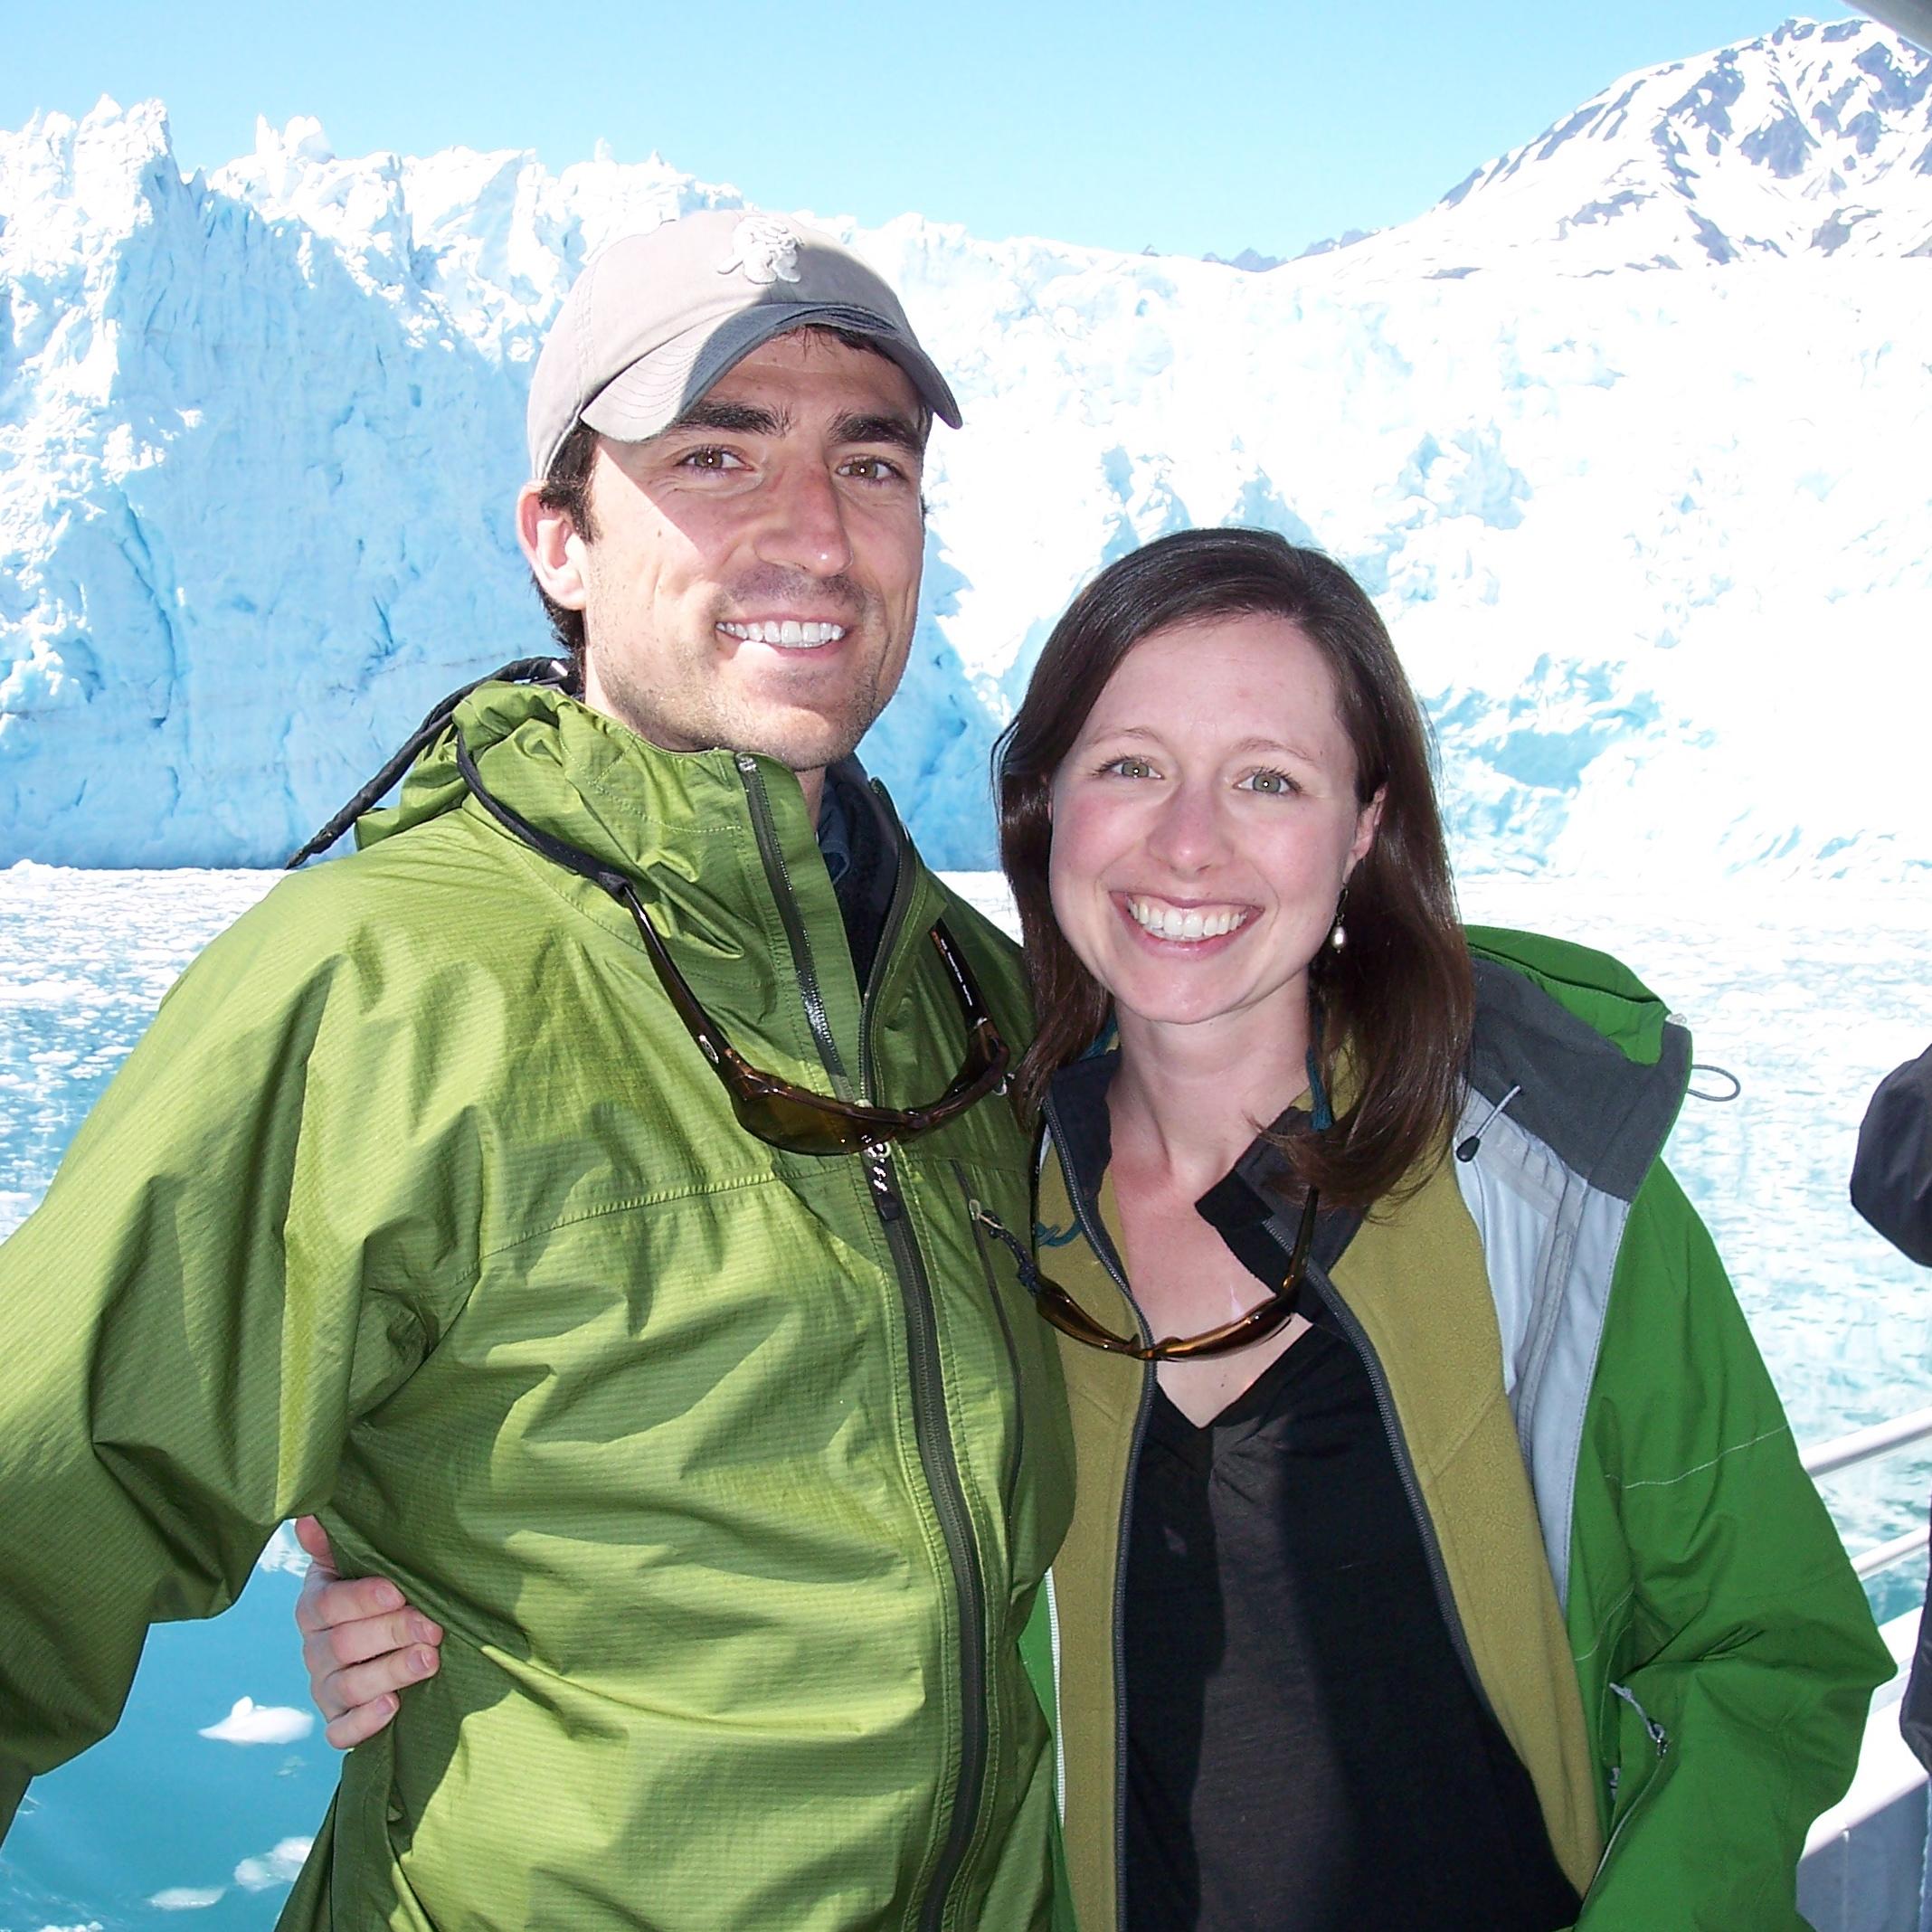 Kenai Fjords Glacier Tour in Alaska